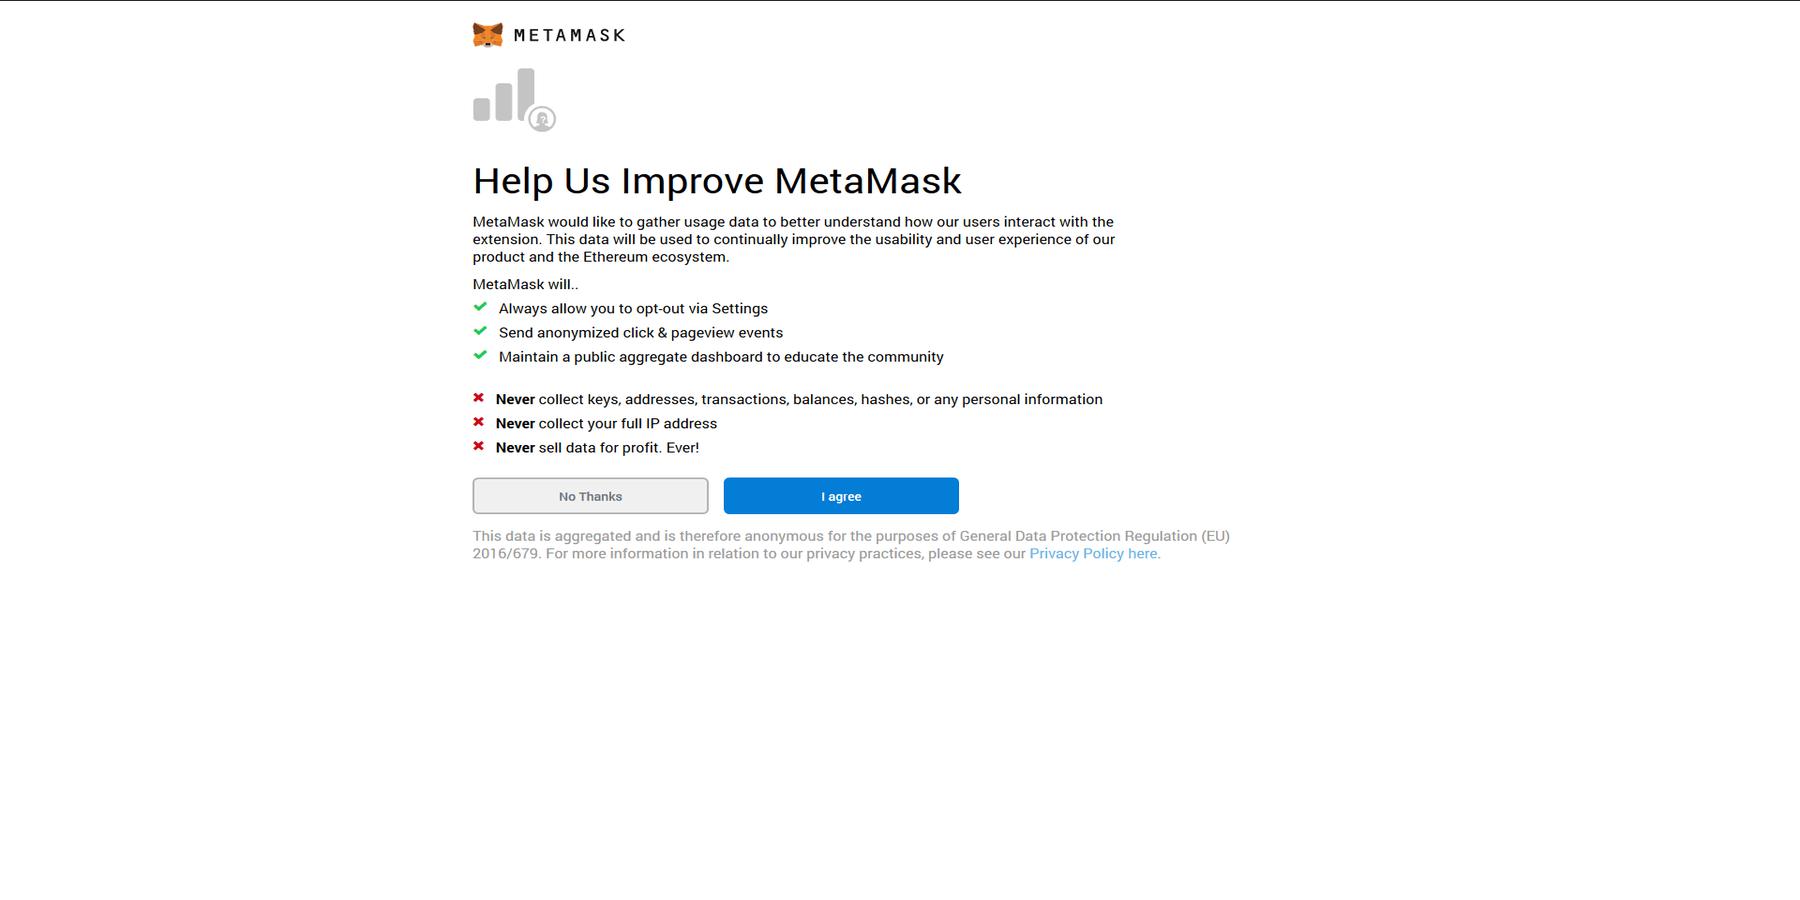 Participer à améliorer MetaMask ou non